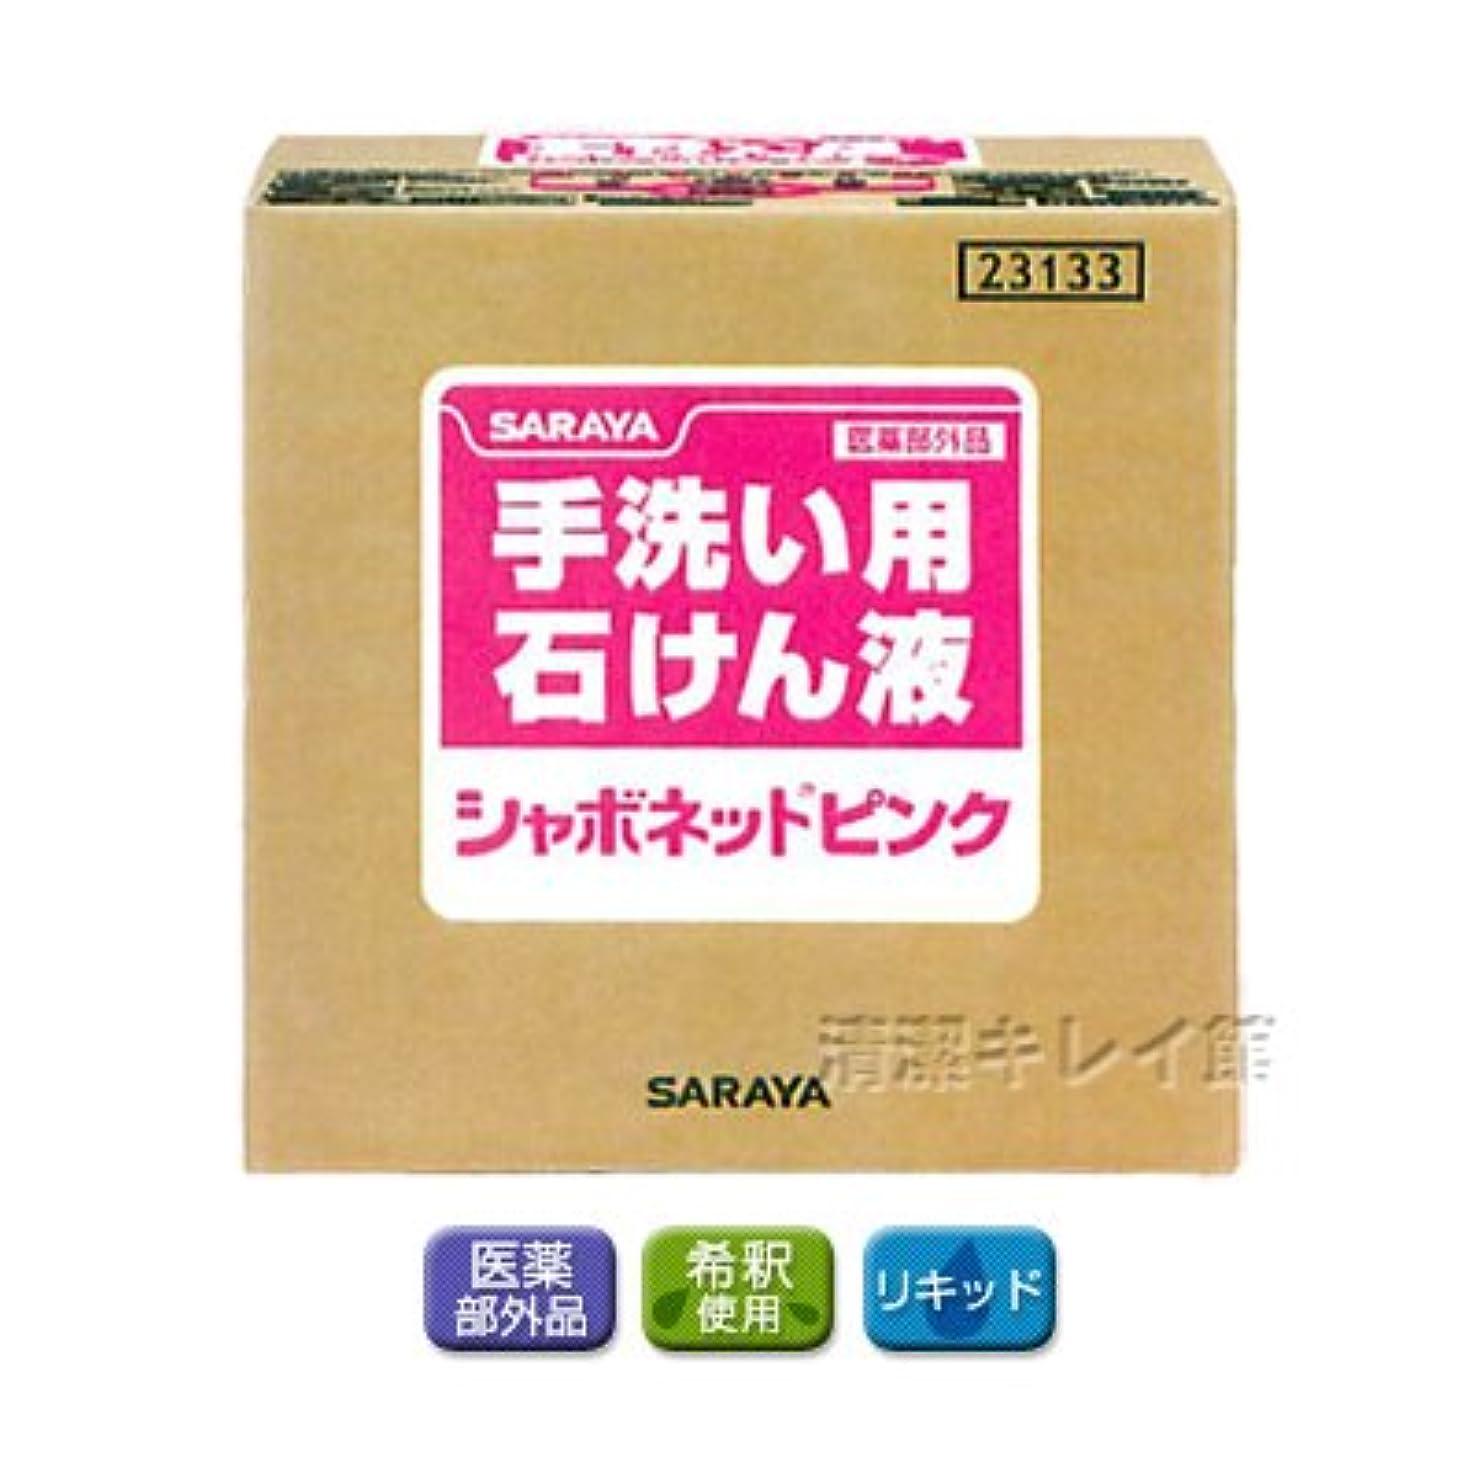 賠償サーキュレーションやさしく【清潔キレイ館】サラヤ シャボネットピンク(20kg)